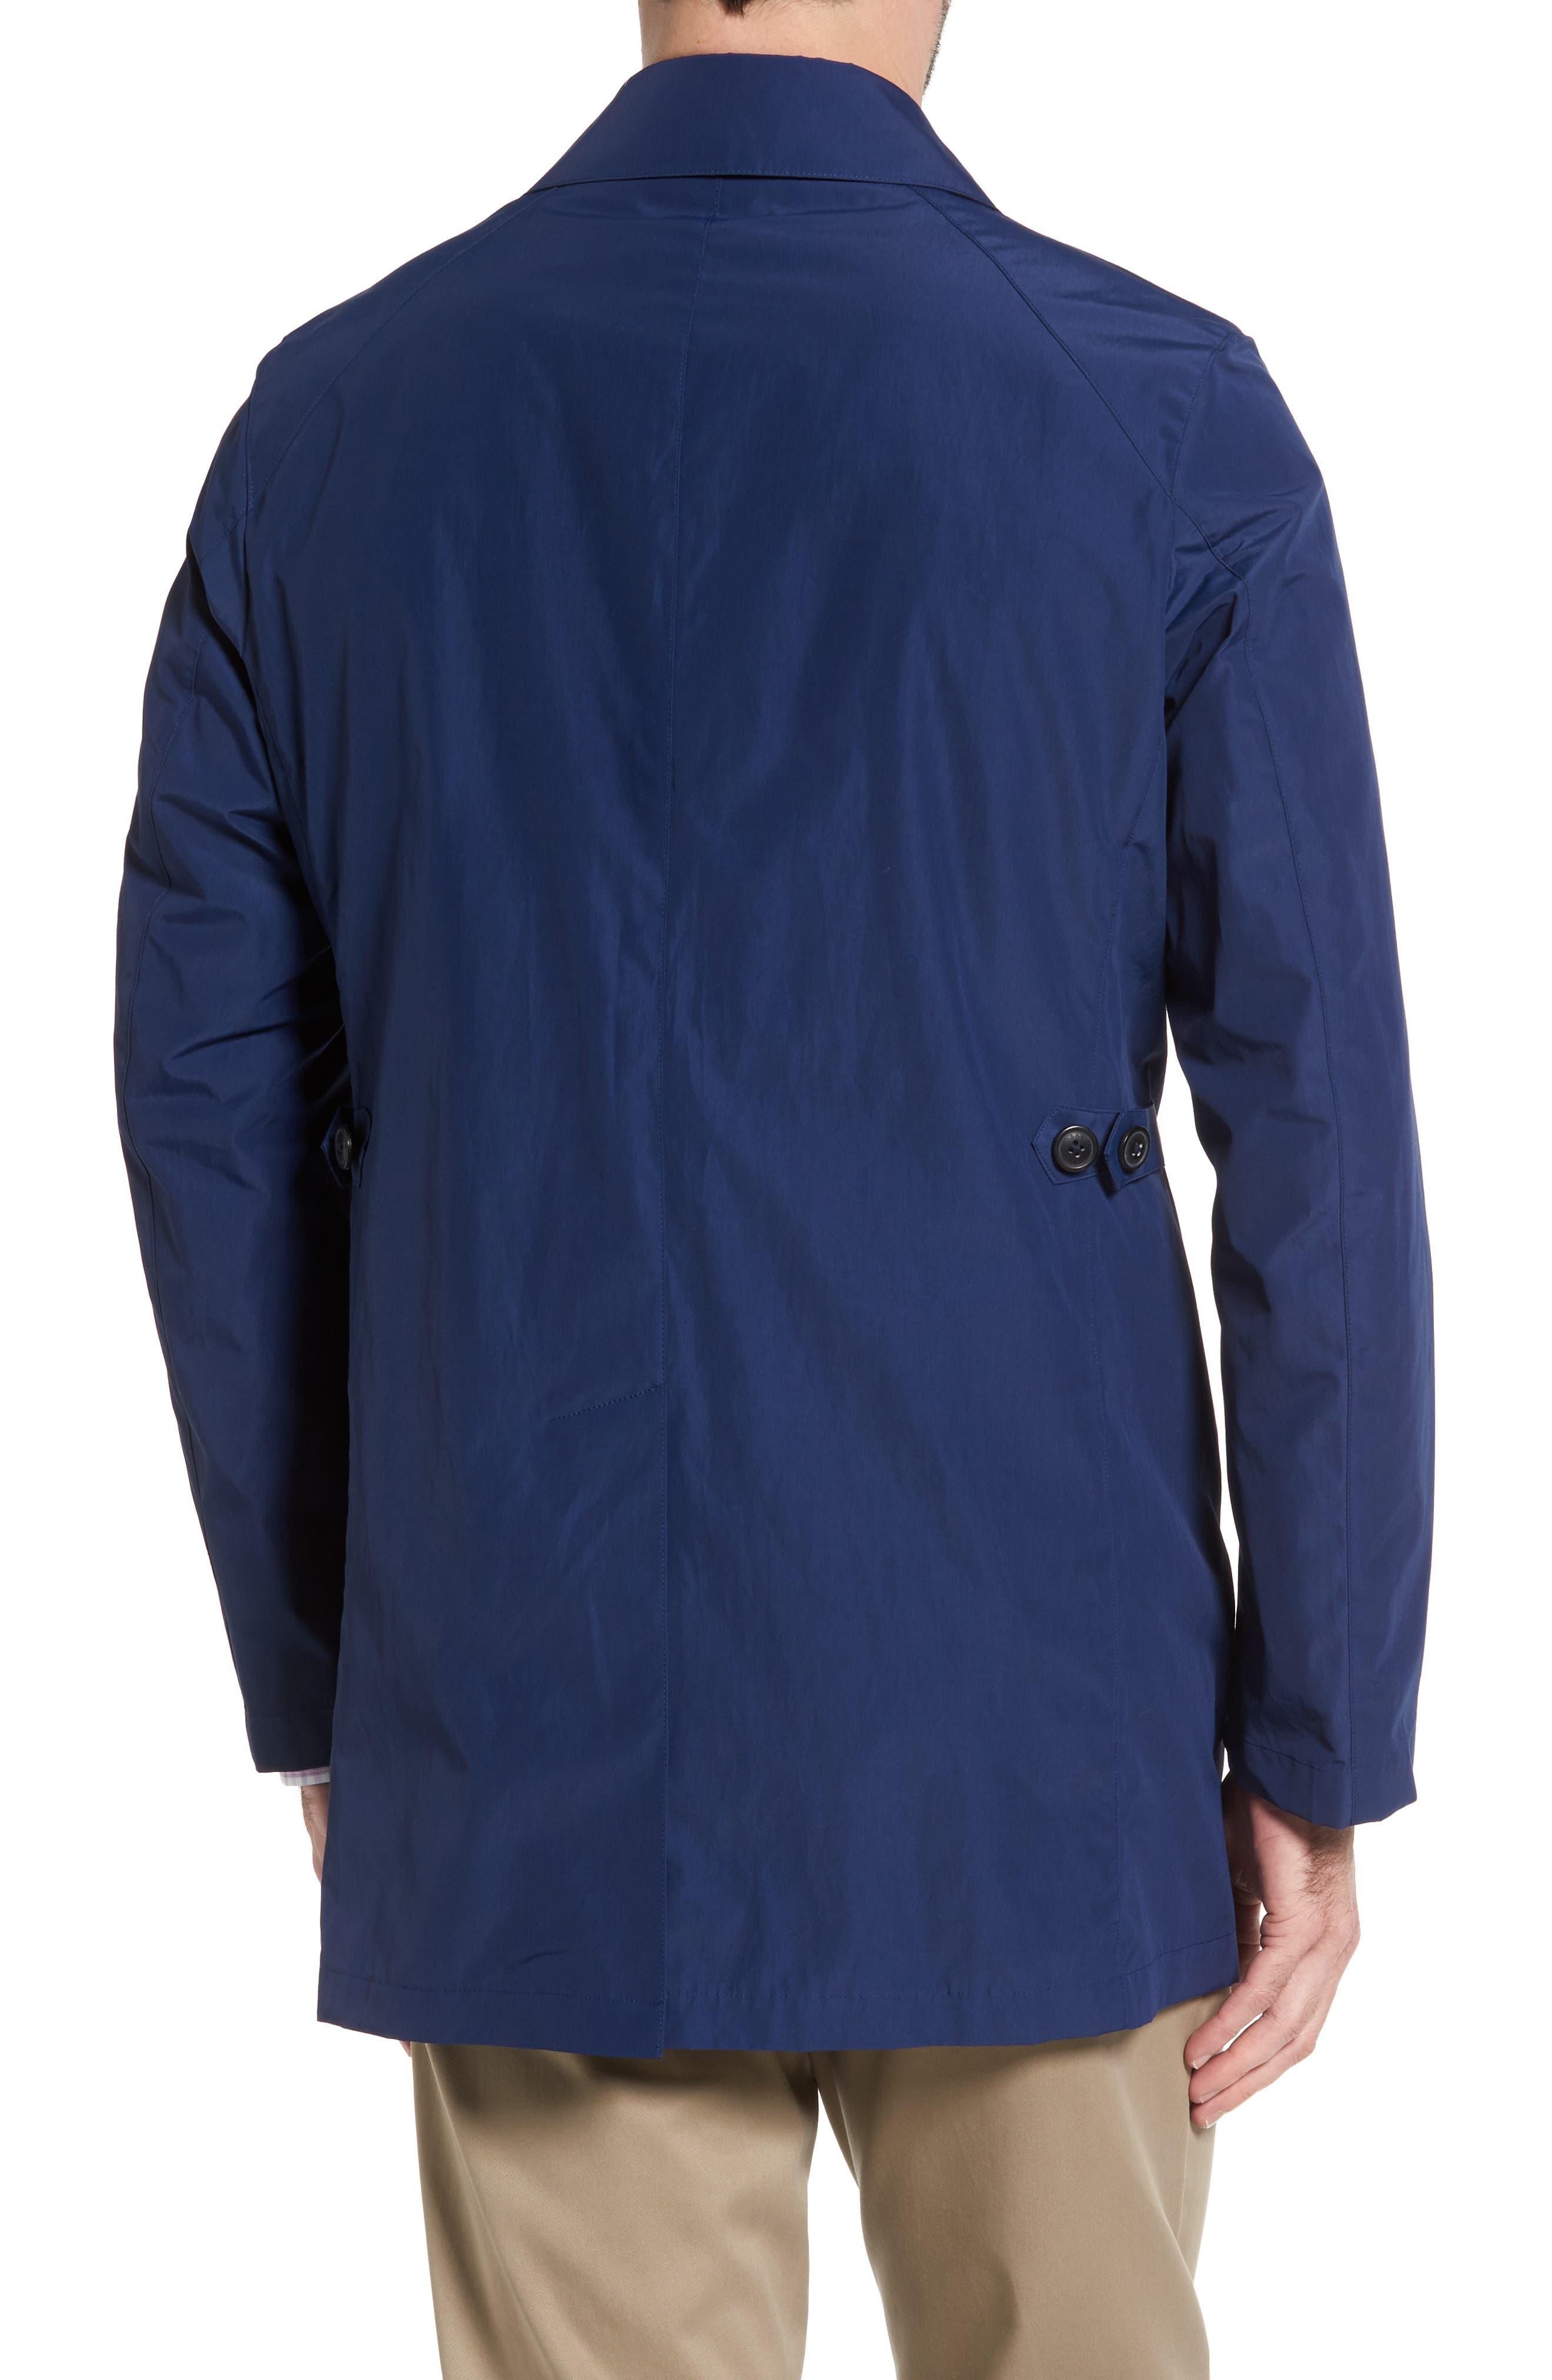 Austin Cotton Blend Raincoat,                             Alternate thumbnail 2, color,                             Royal Blue